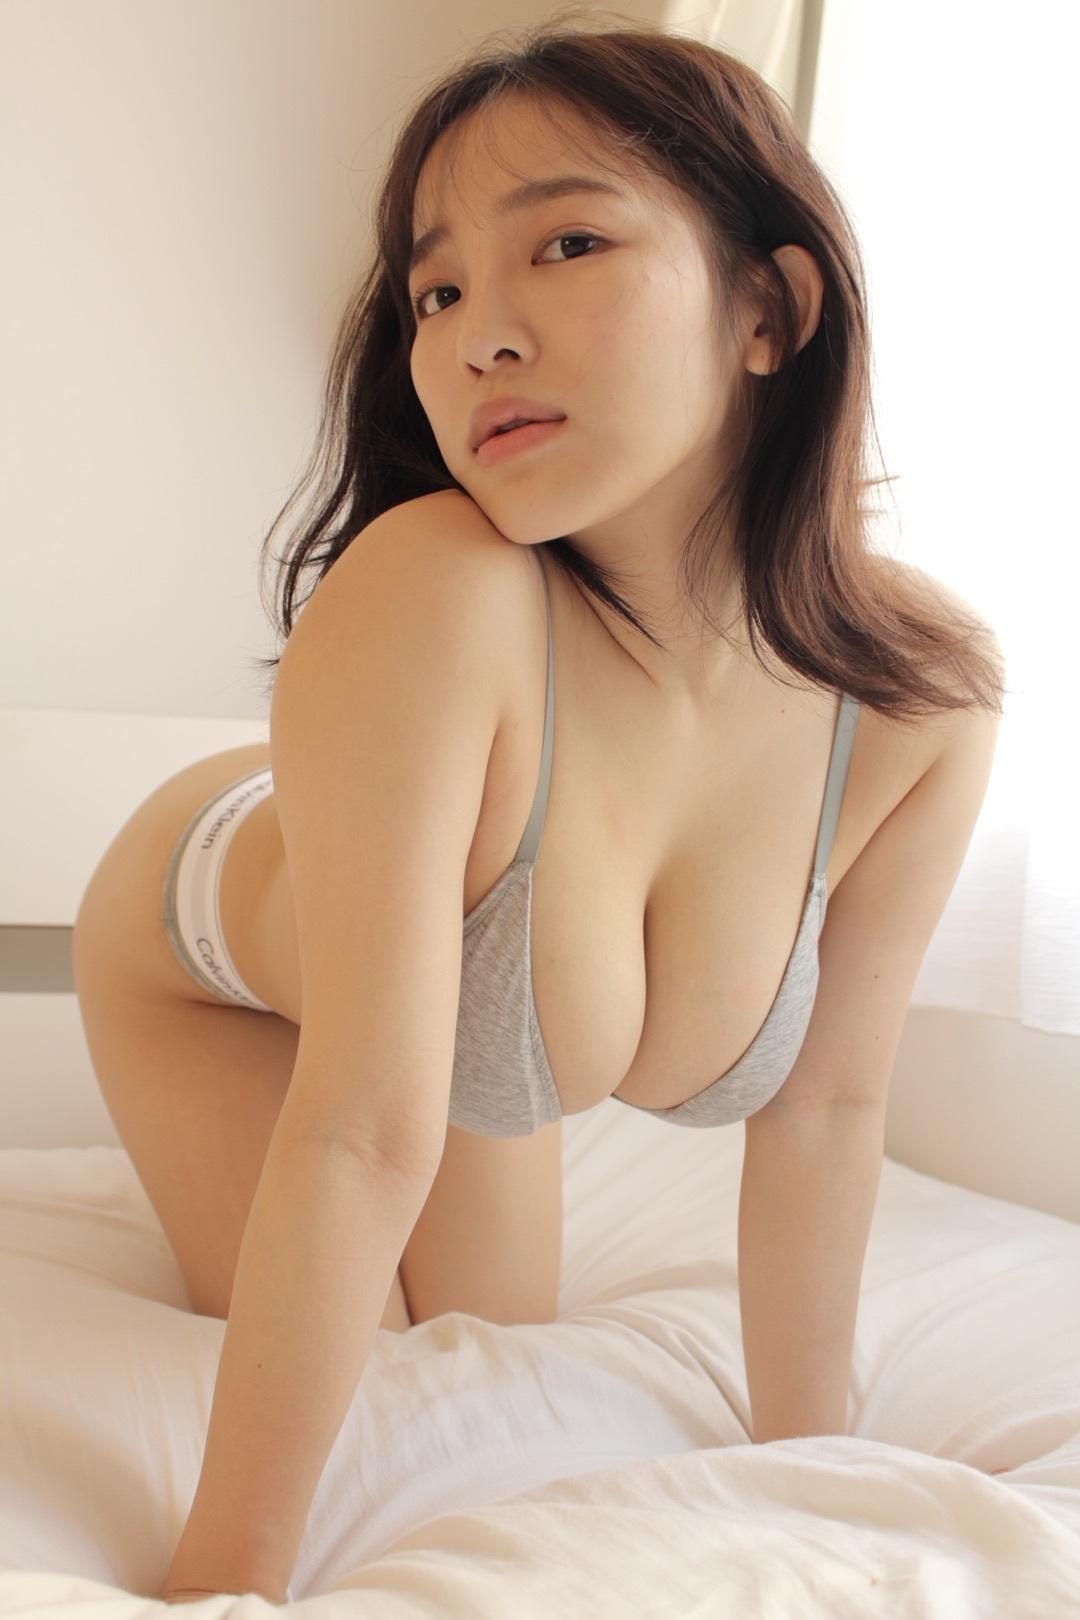 jun_amaki 1275415902272385025_p0